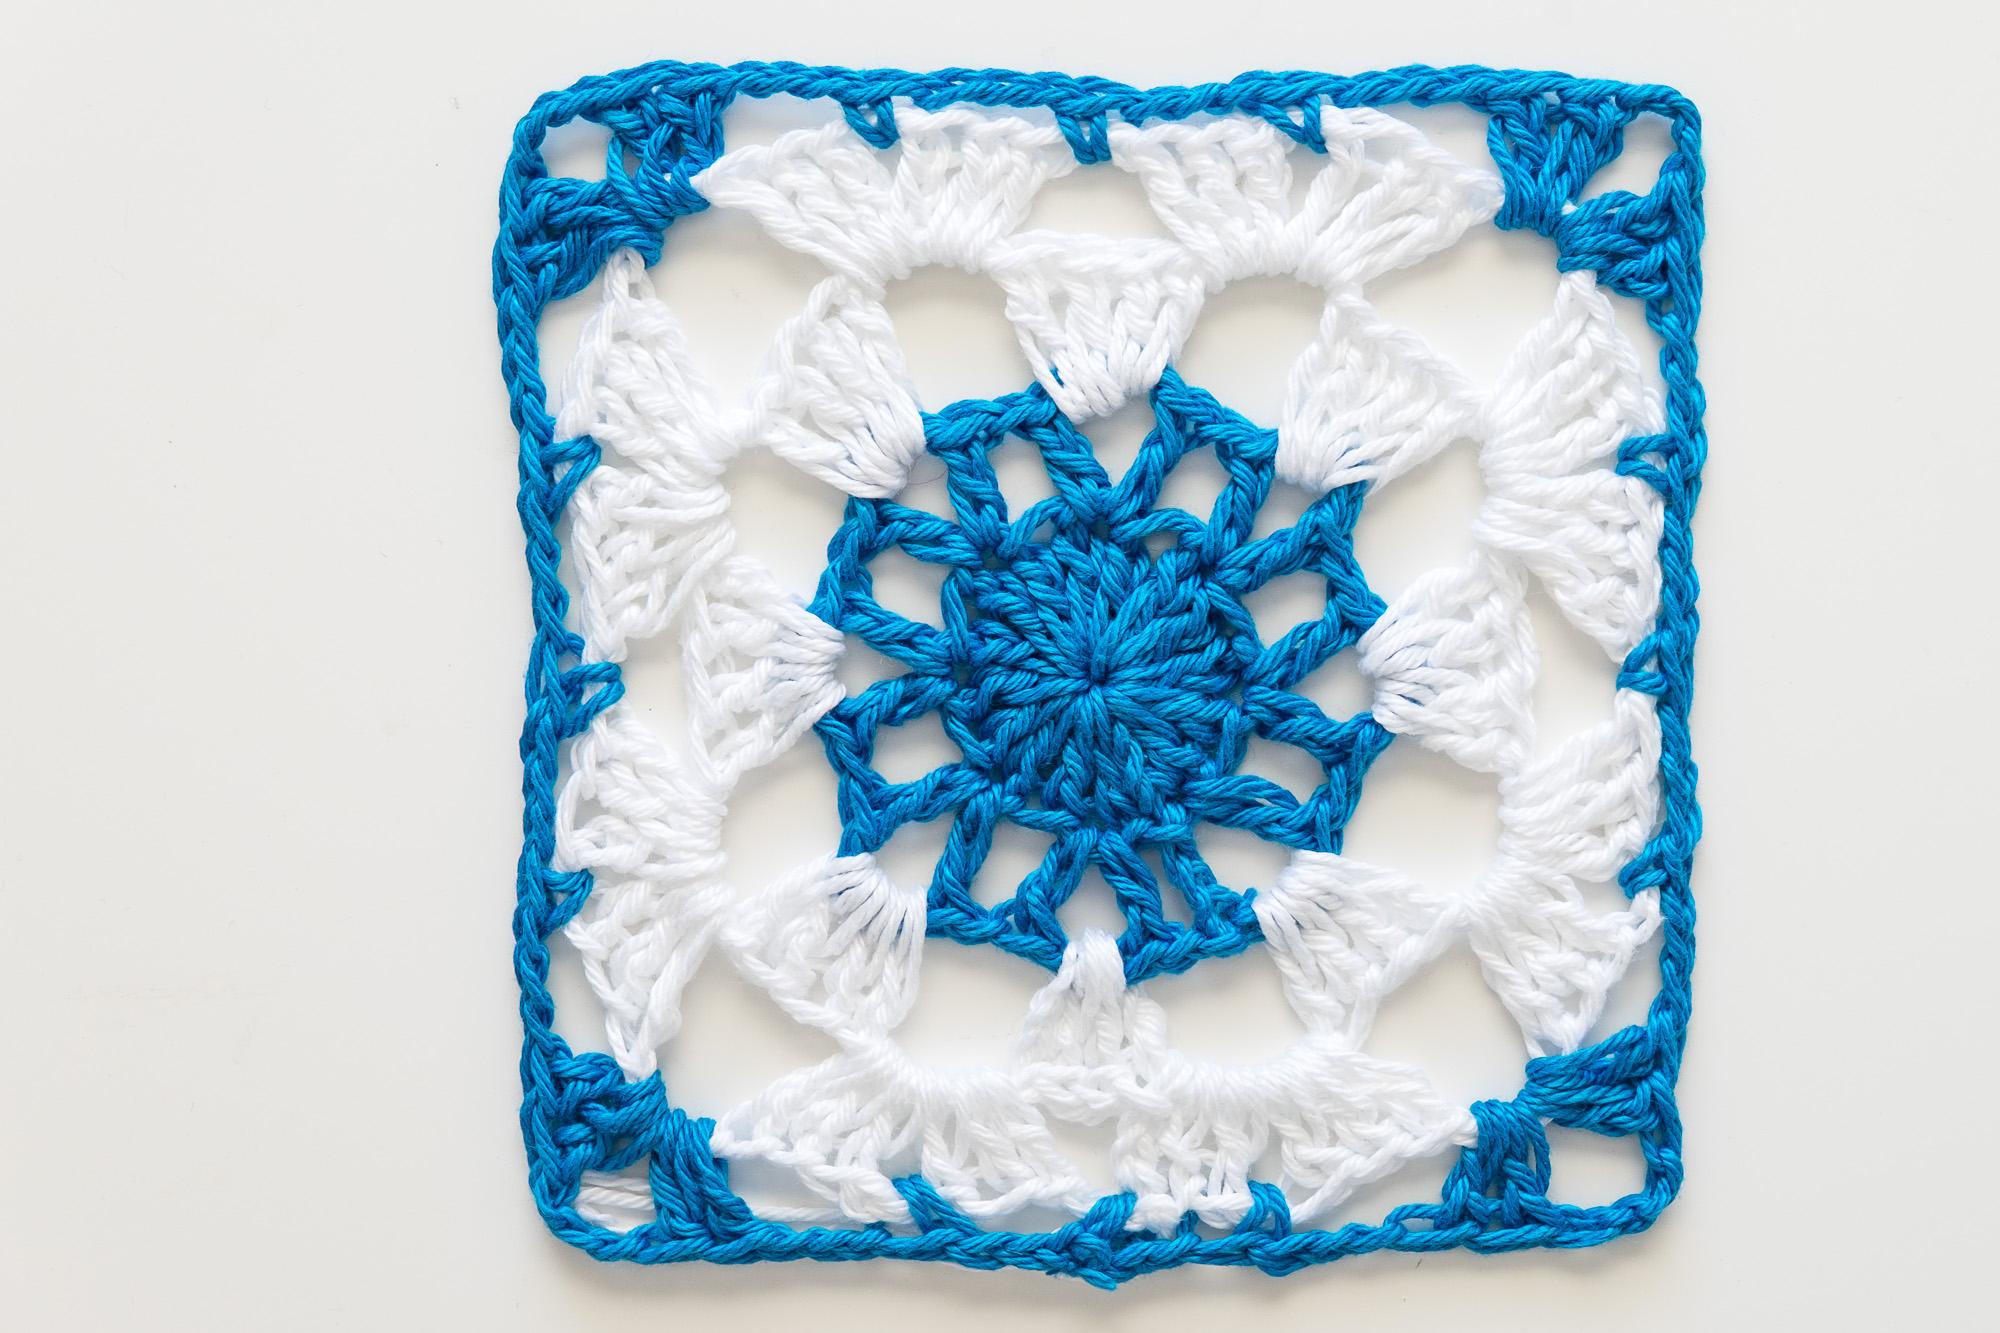 Motivo de ganchillo cuadrado. Crochet granny square azul y blanco.